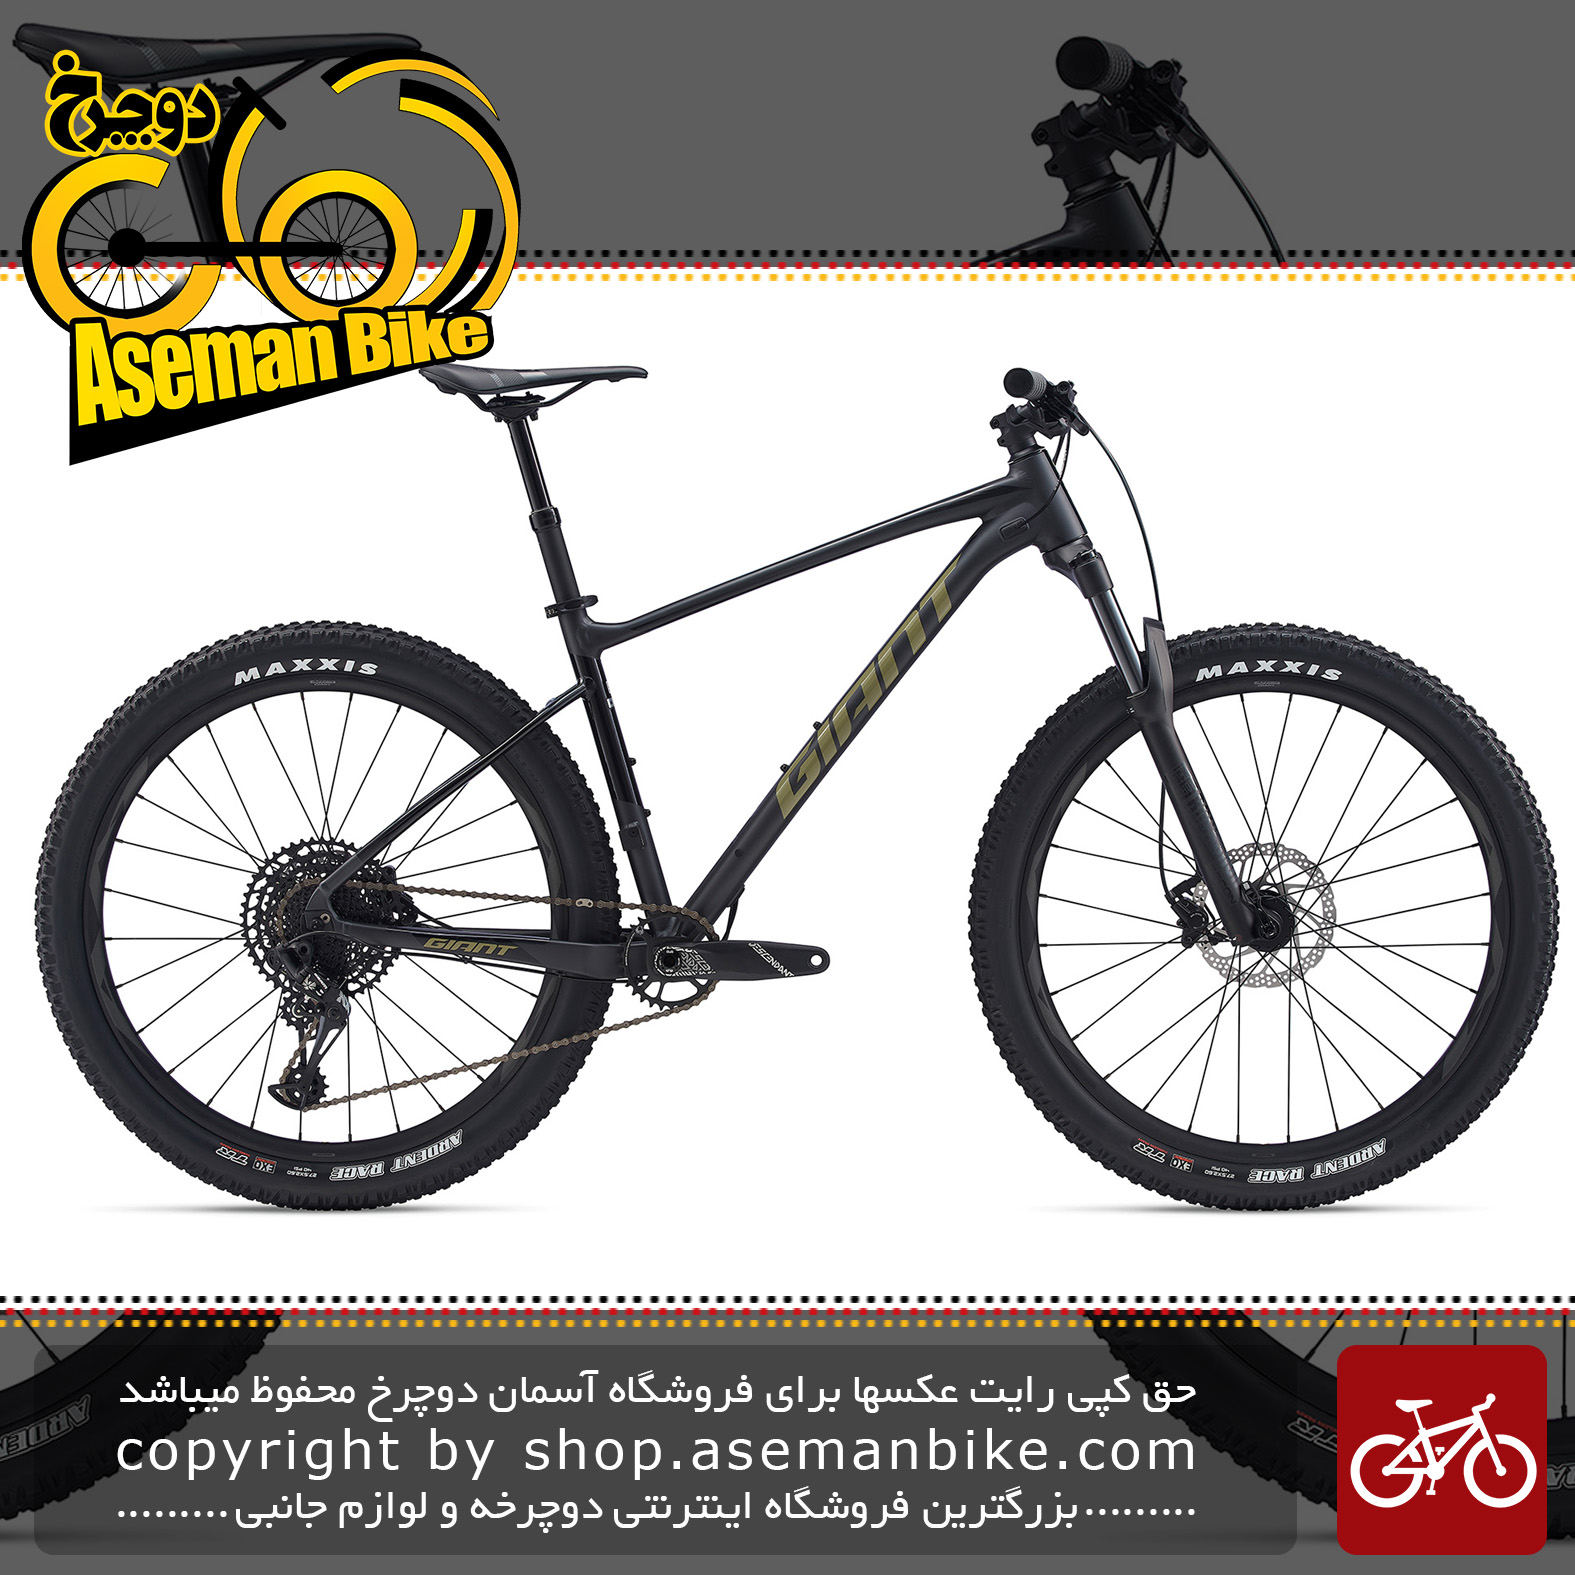 دوچرخه کوهستان جاینت مدل فدم 1 2020 Giant Mountain Bicycle Fathom 1 2020